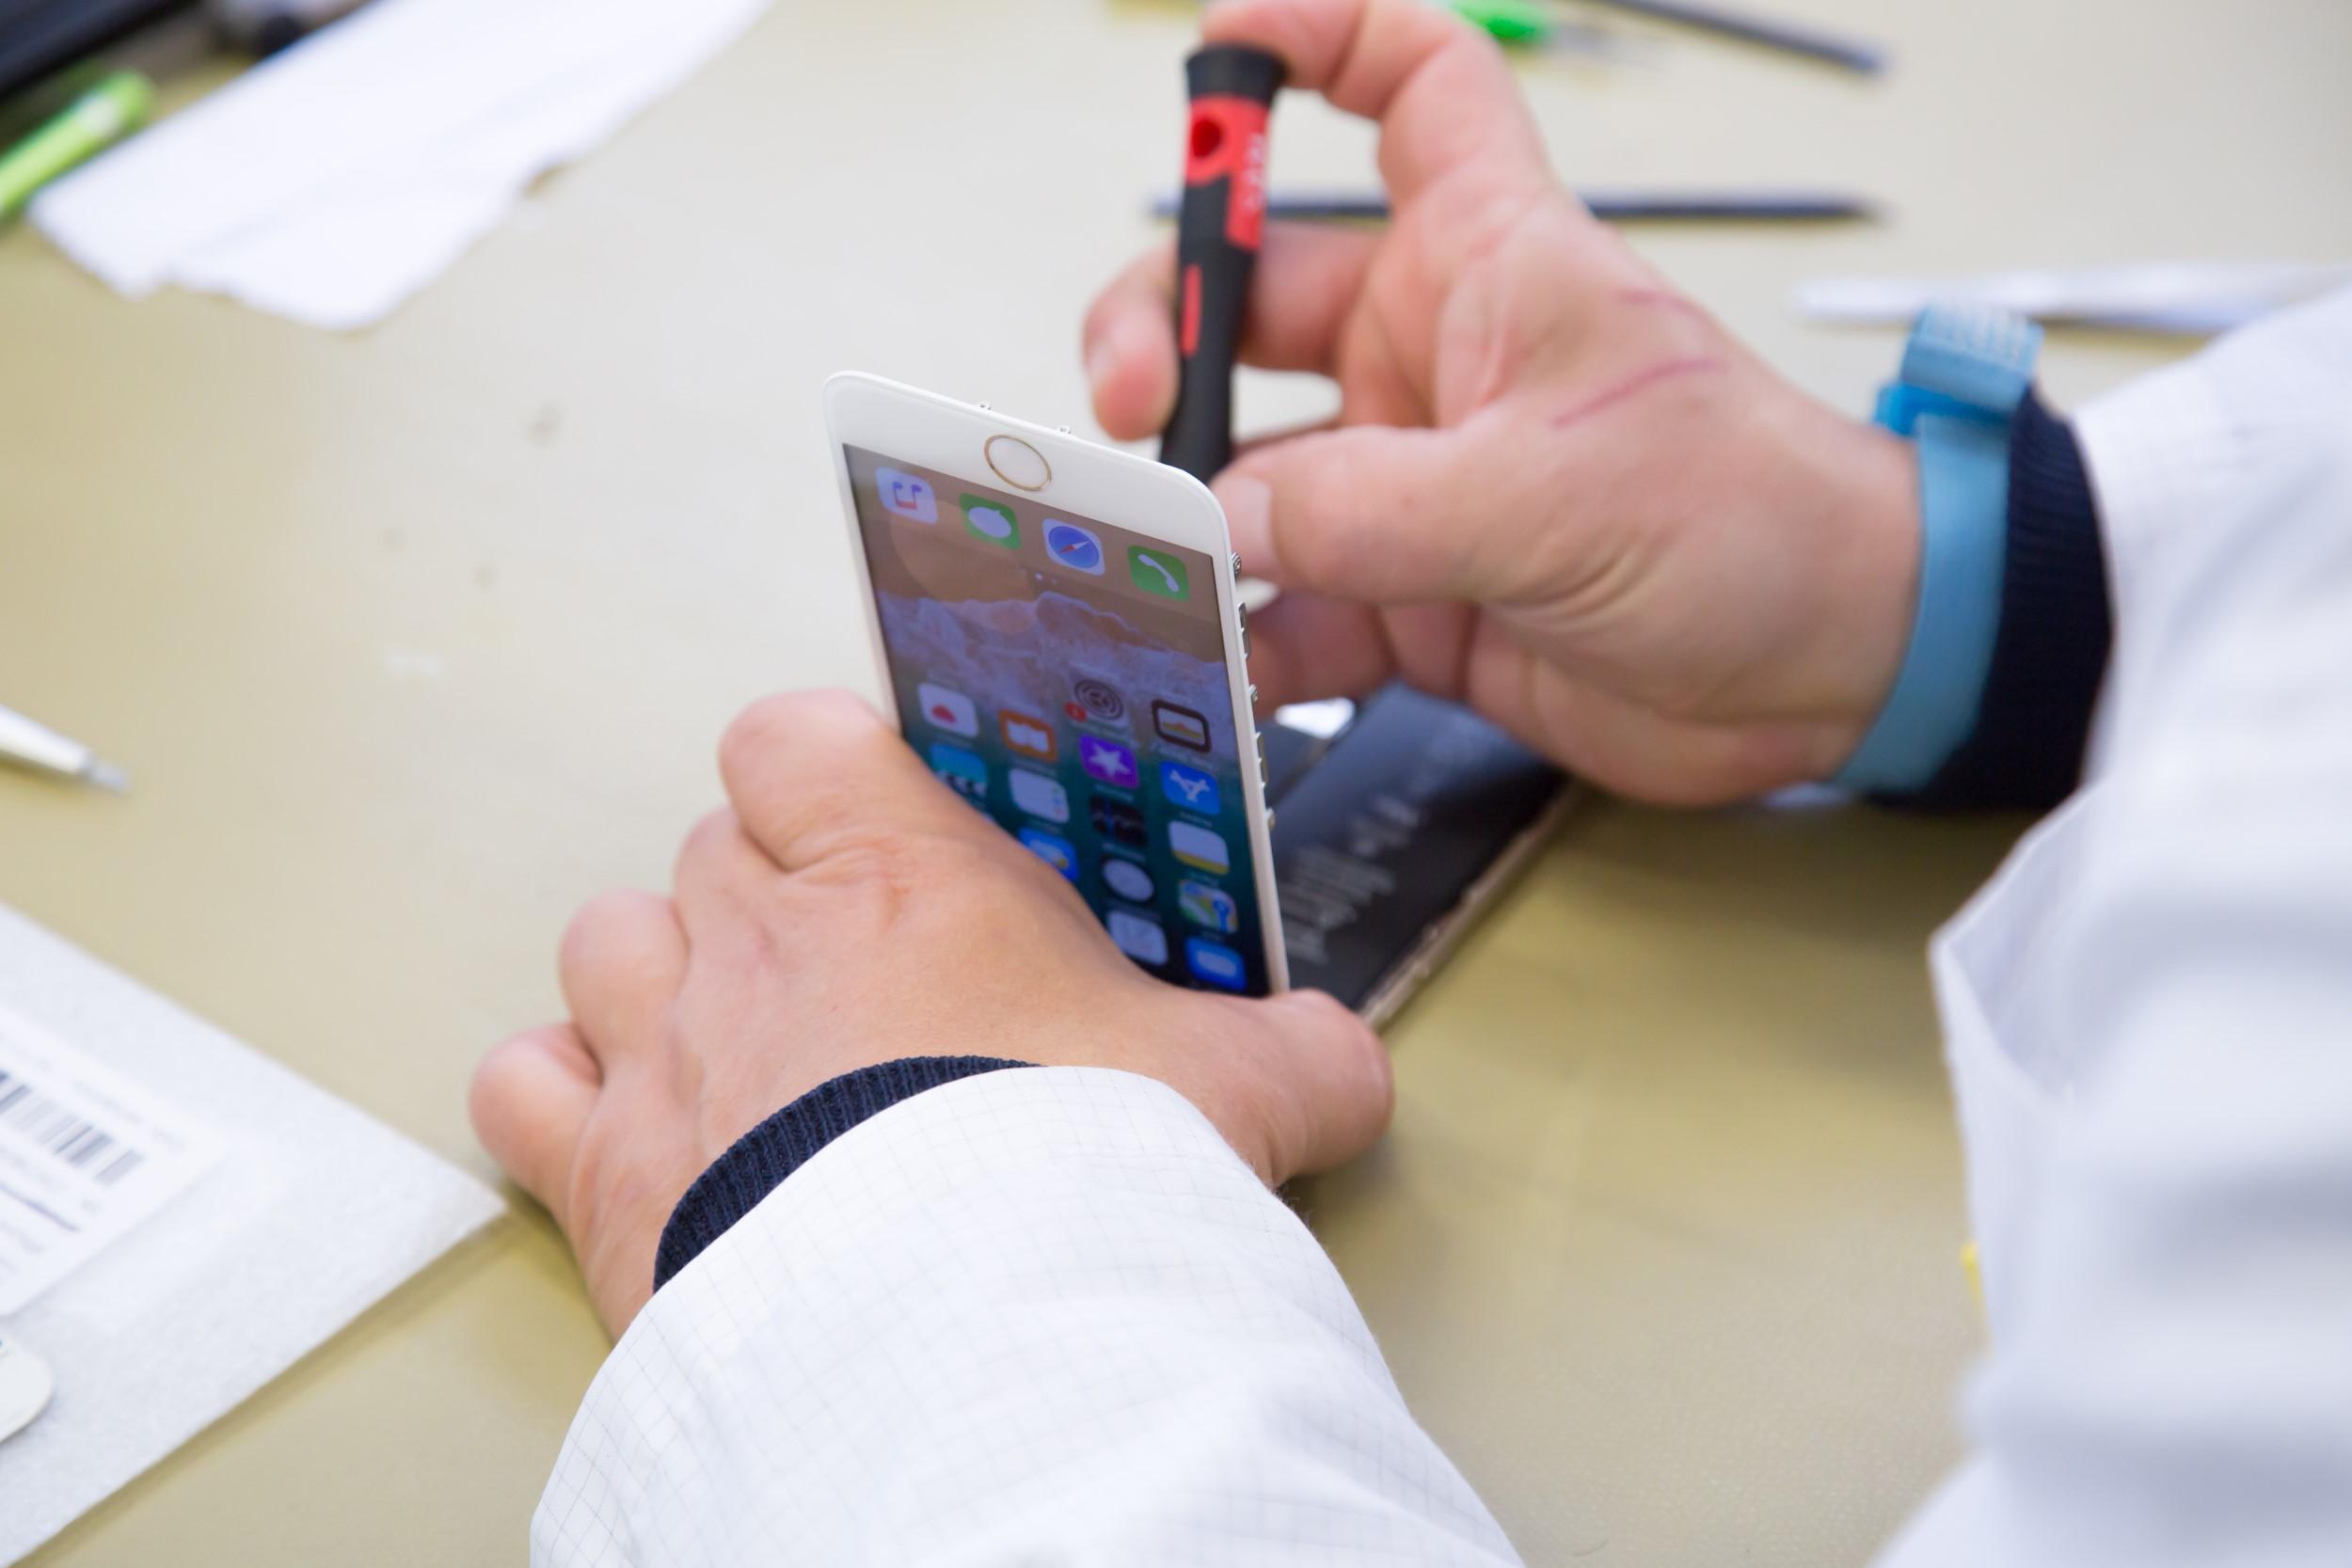 Professional refurbisher repairs an iphone 7